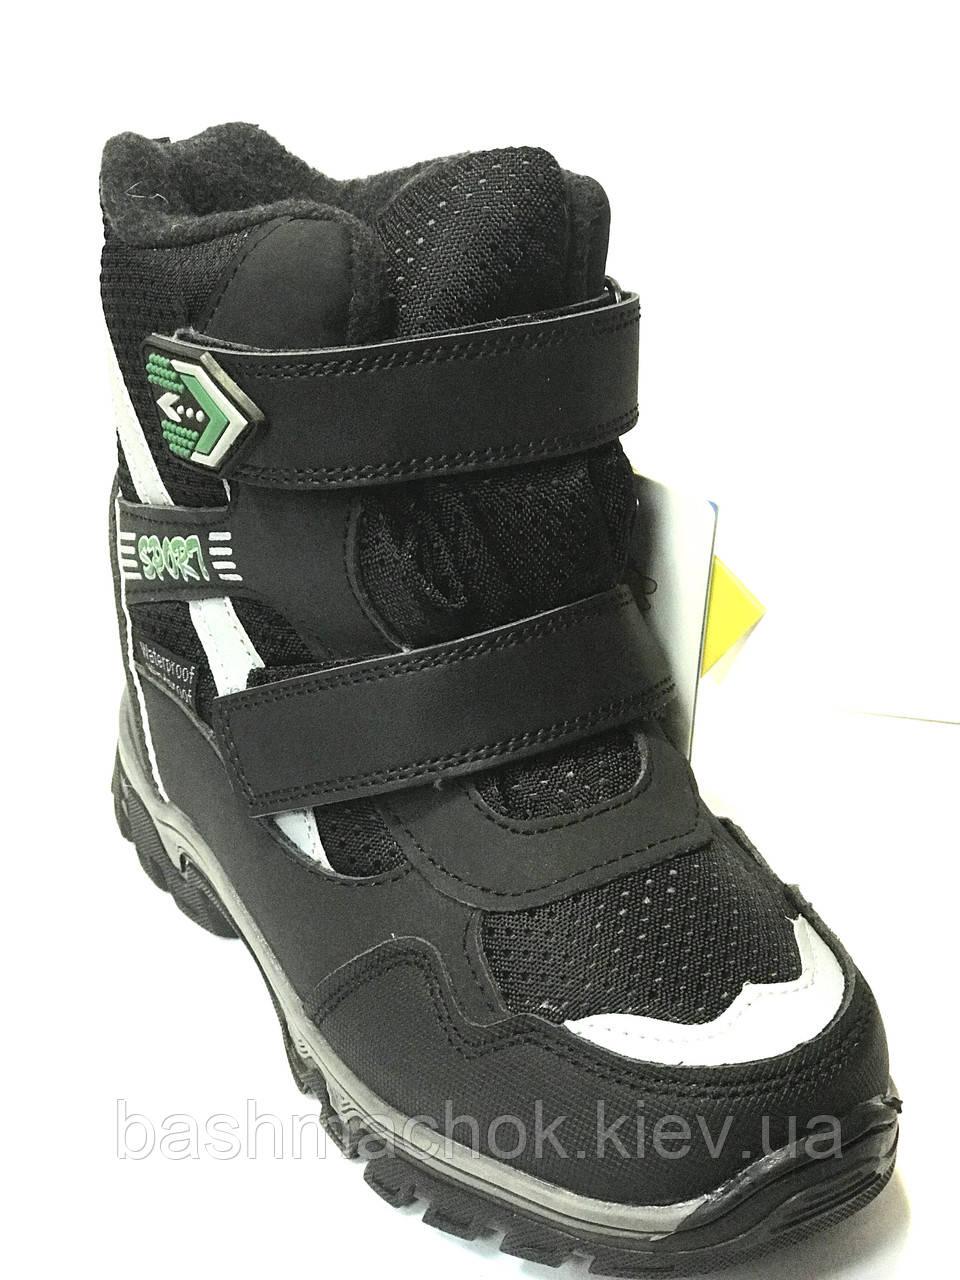 7ed6daa8a Детские термо ботинки Том.М для мальчиков размеры 31,32,33,35 -30% Скидка  Осталось 2 дня